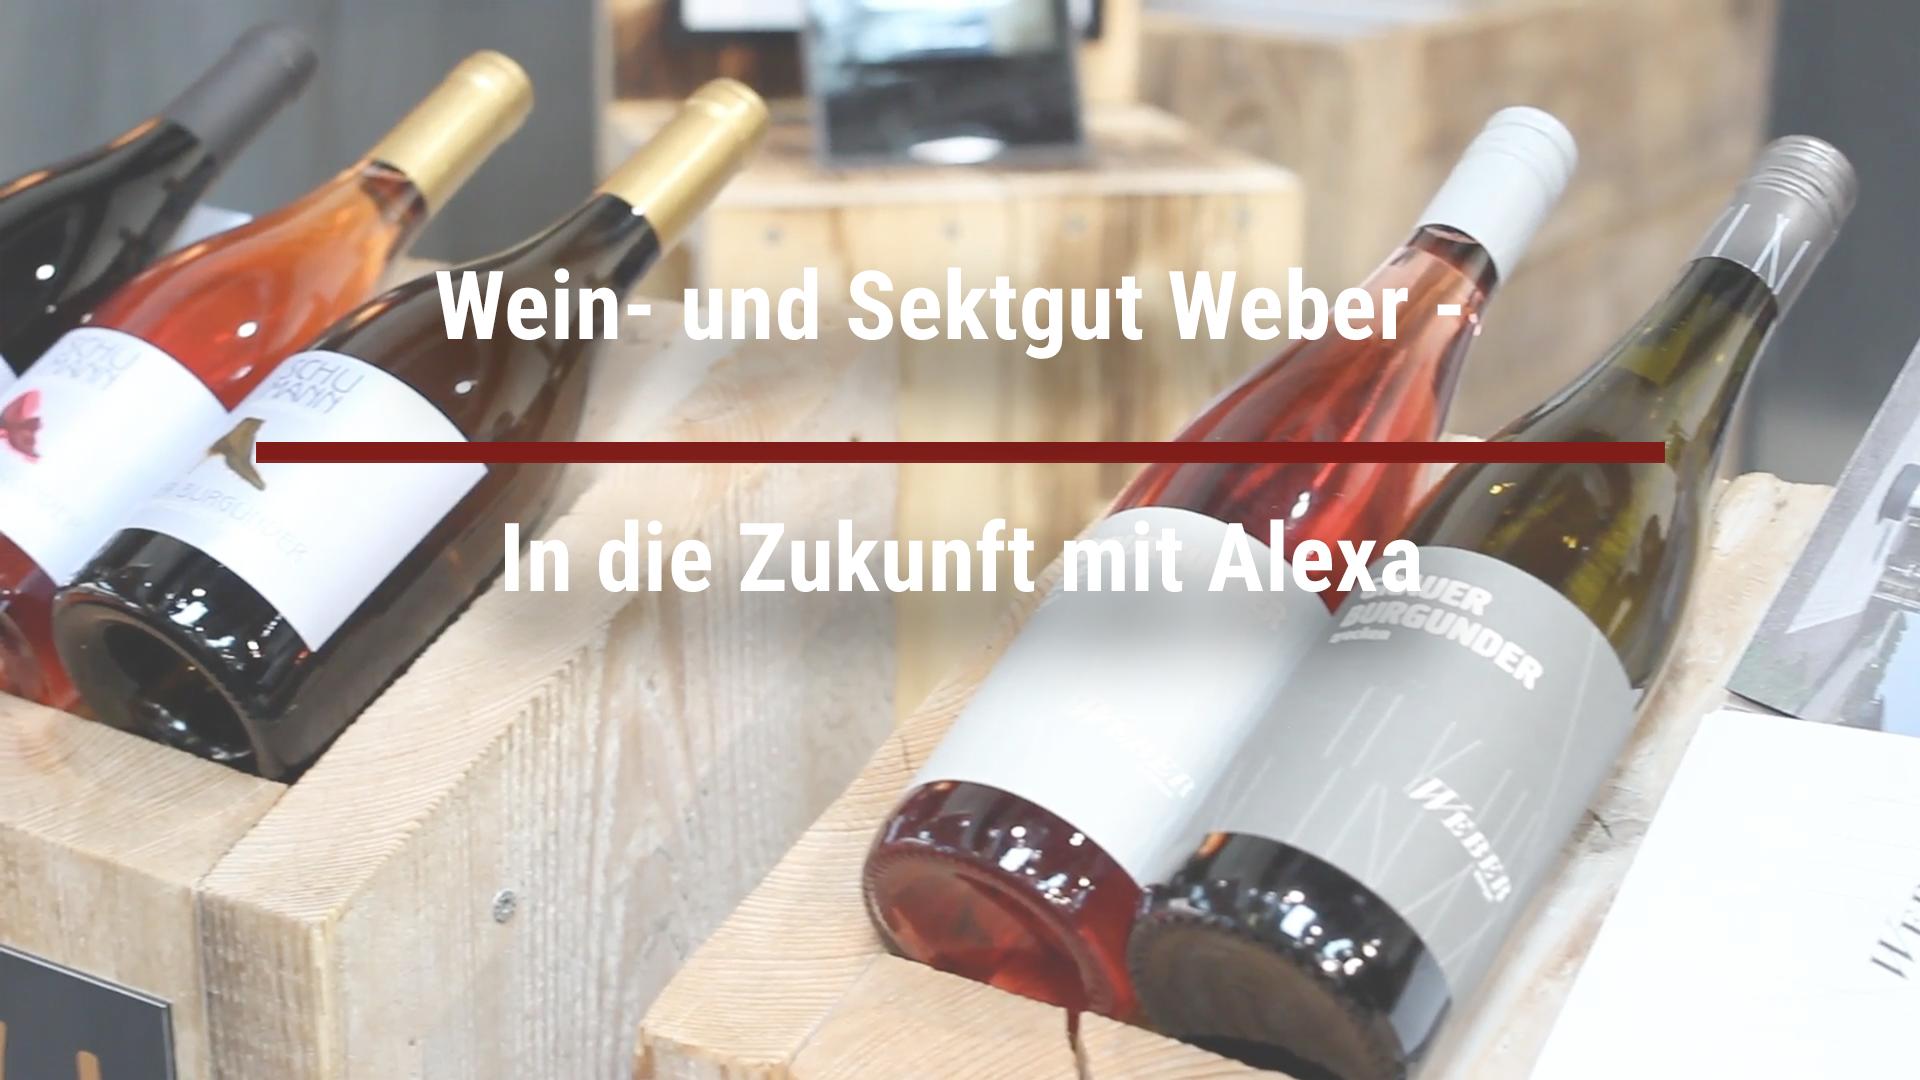 Wein- und Sektgut Weber – Into the future with Alexa